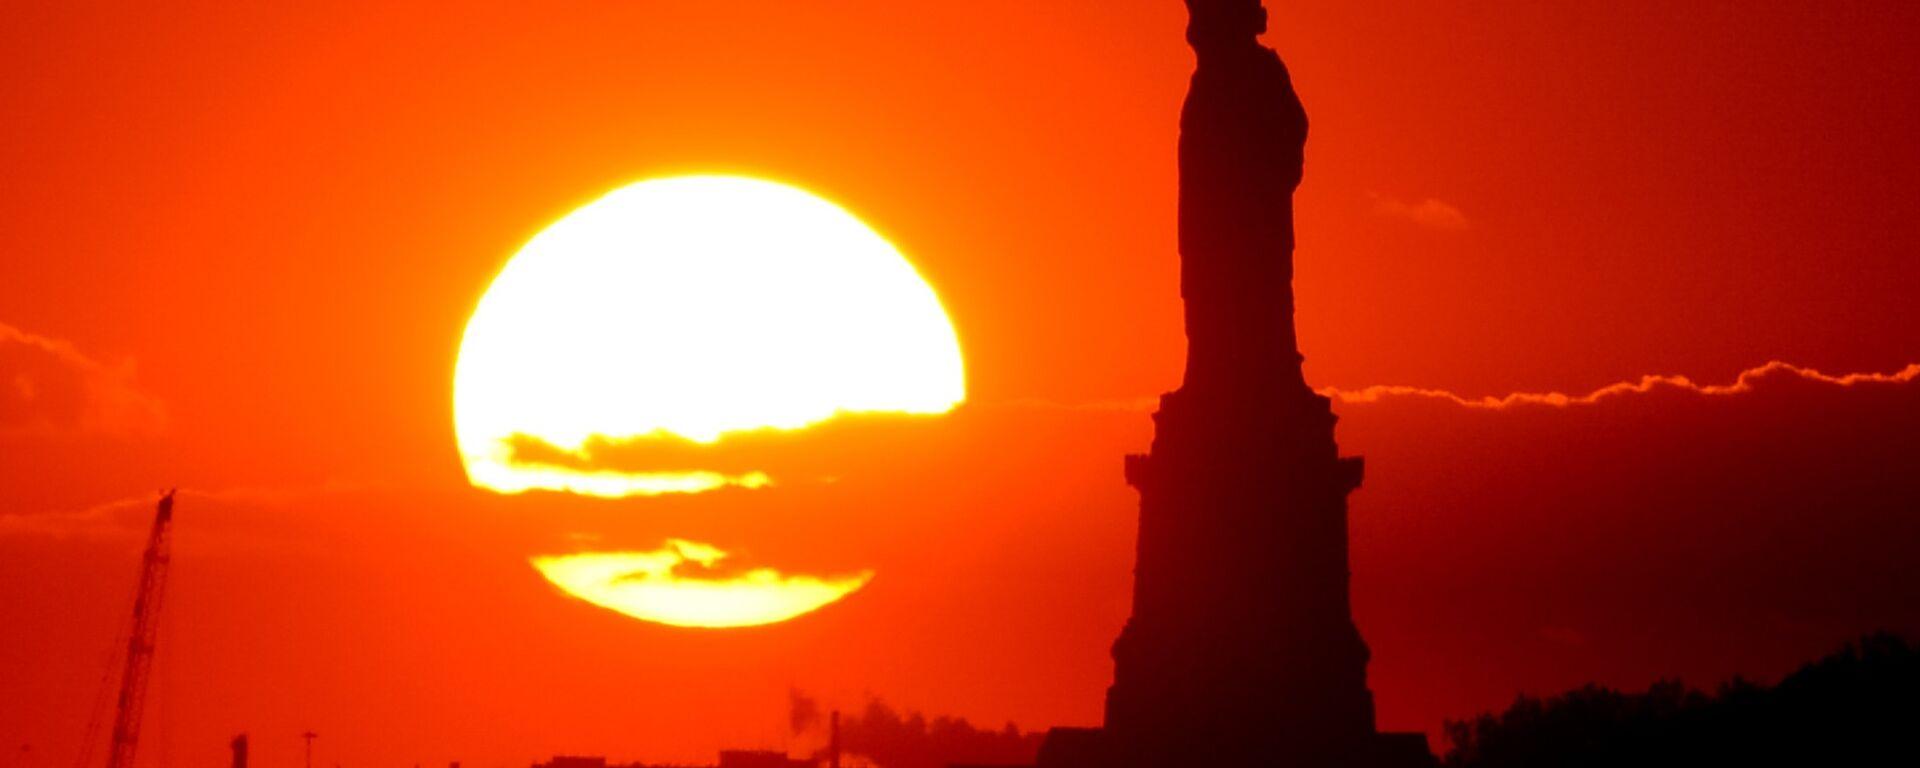 Статуя Свободы в Нью-Йорке - Sputnik Latvija, 1920, 10.04.2021